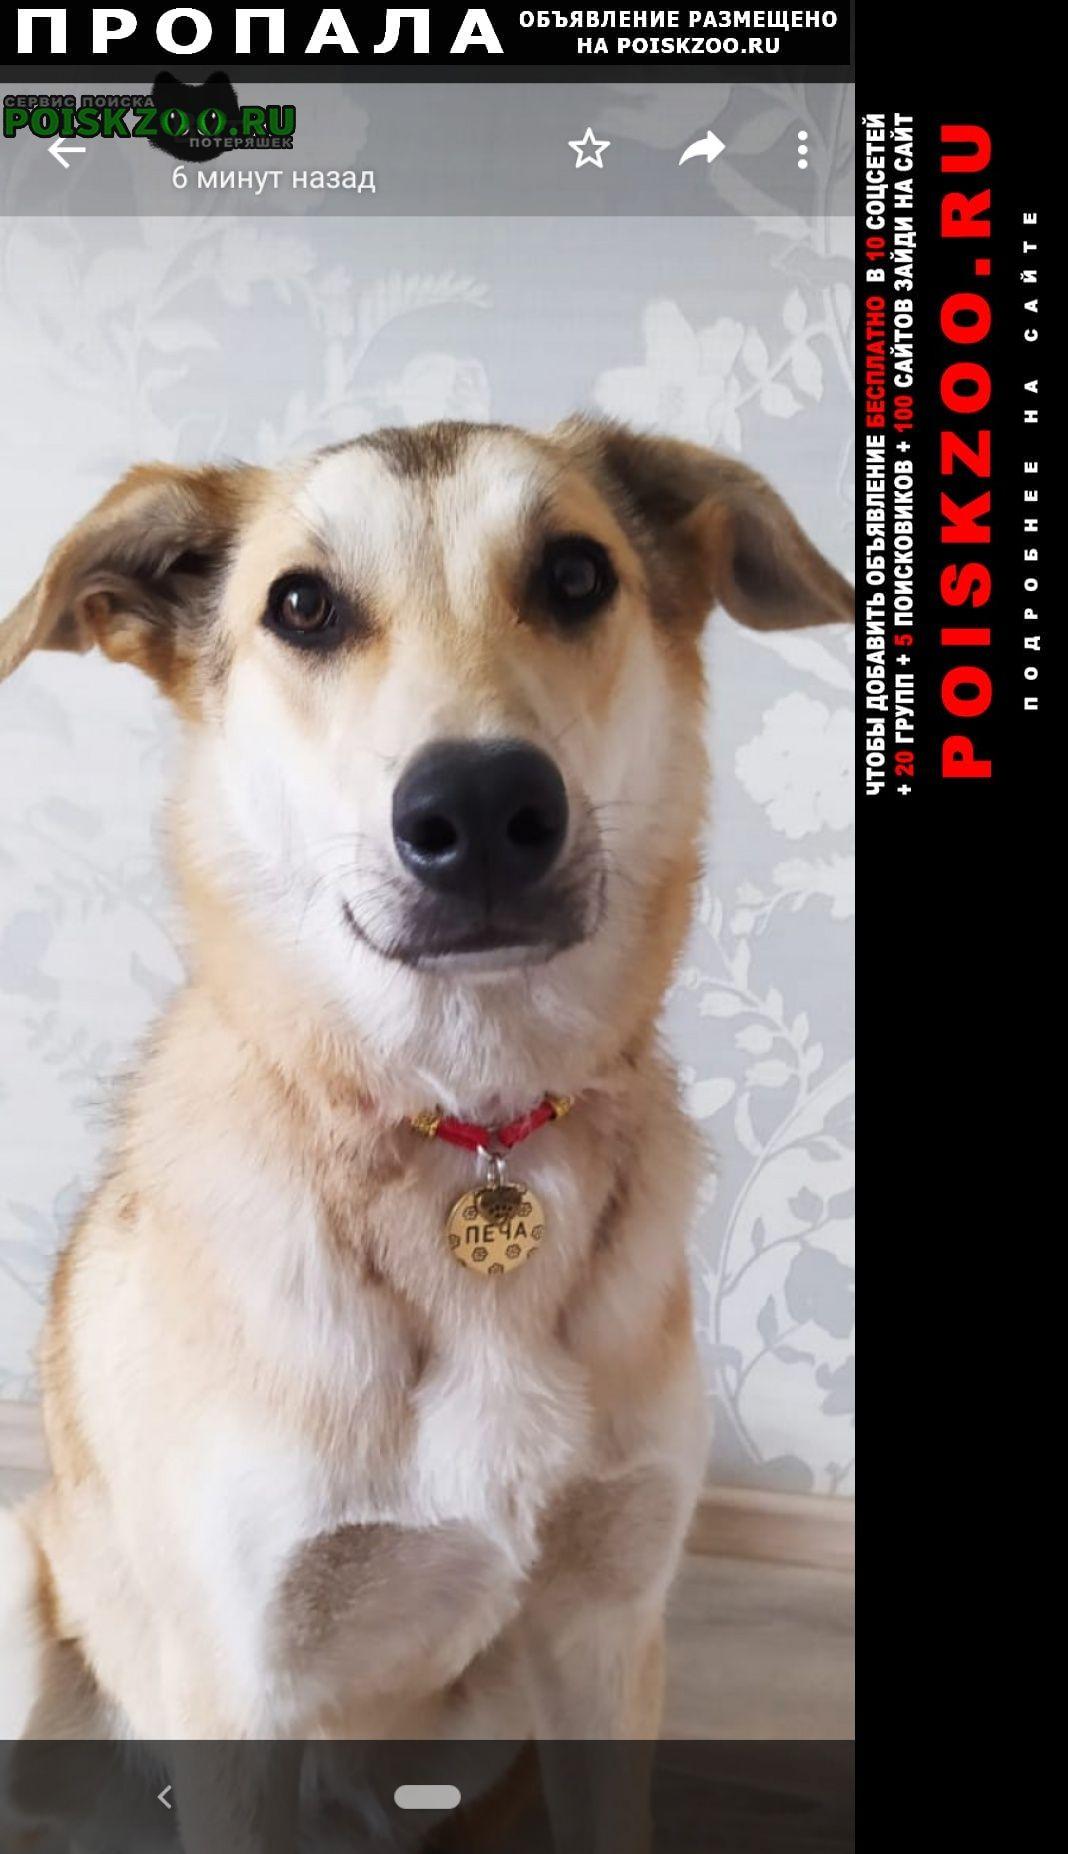 Первоуральск Пропала собака